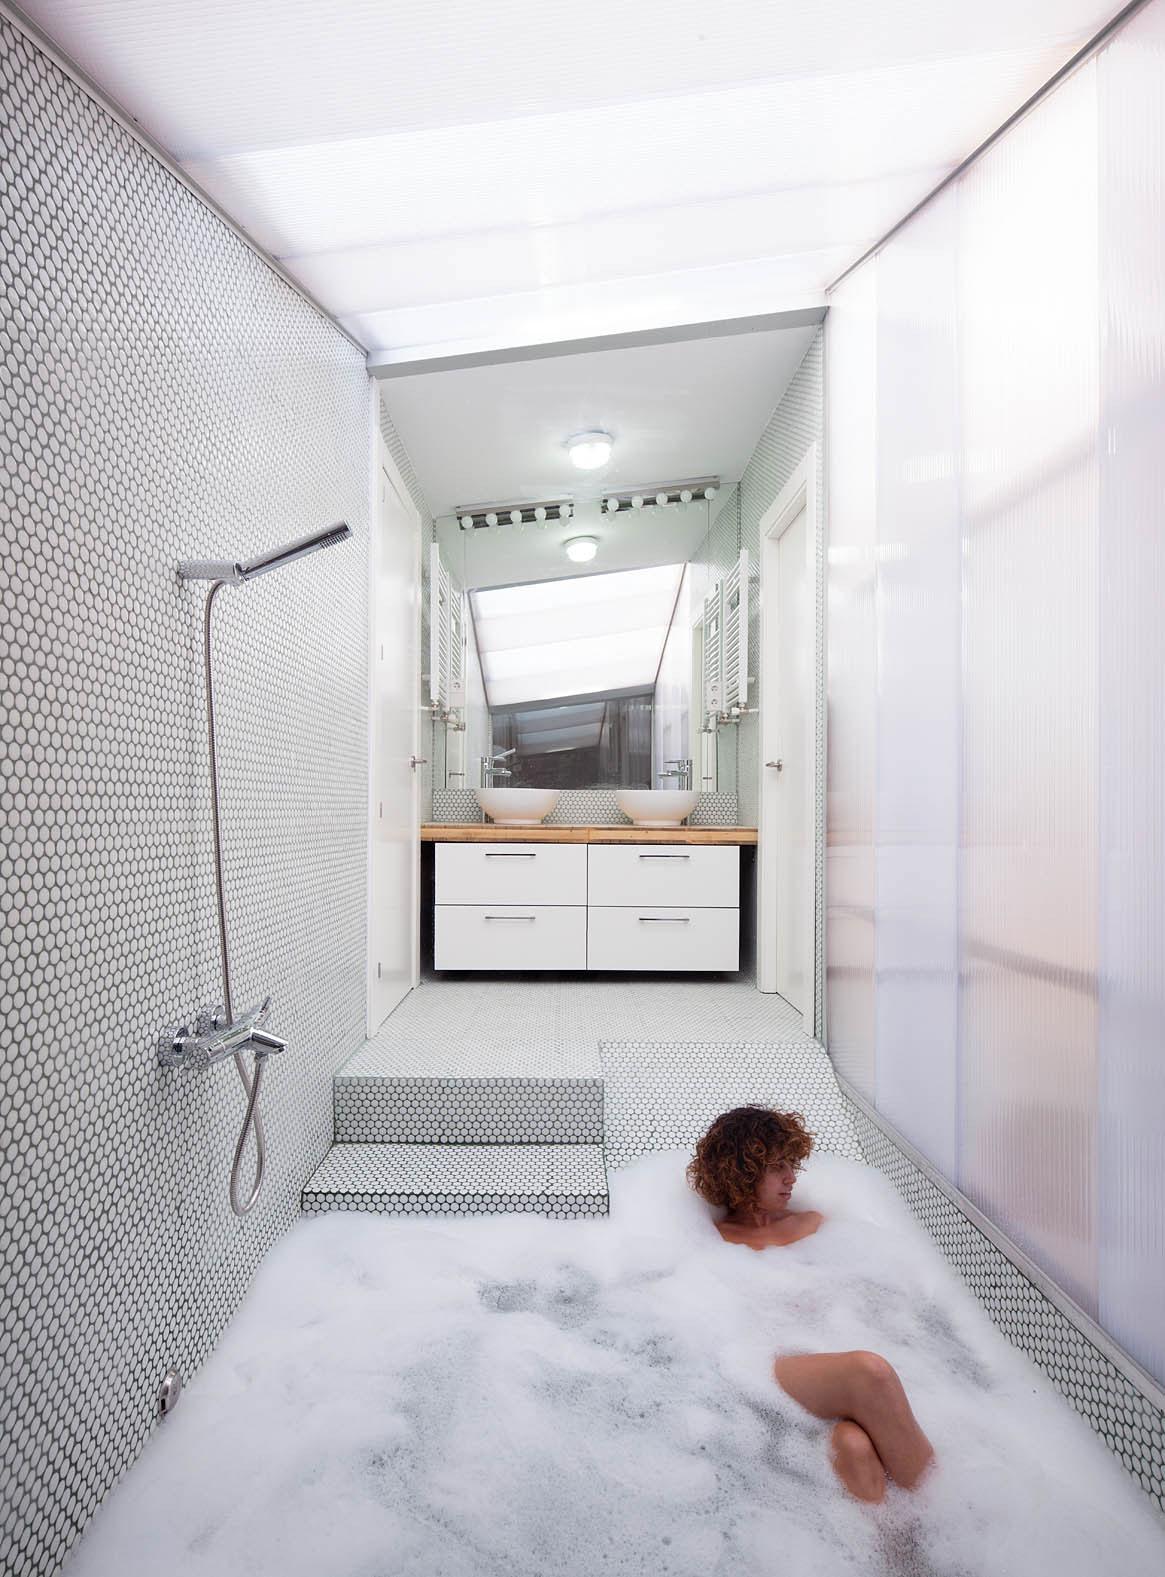 shower room design. Black Bedroom Furniture Sets. Home Design Ideas